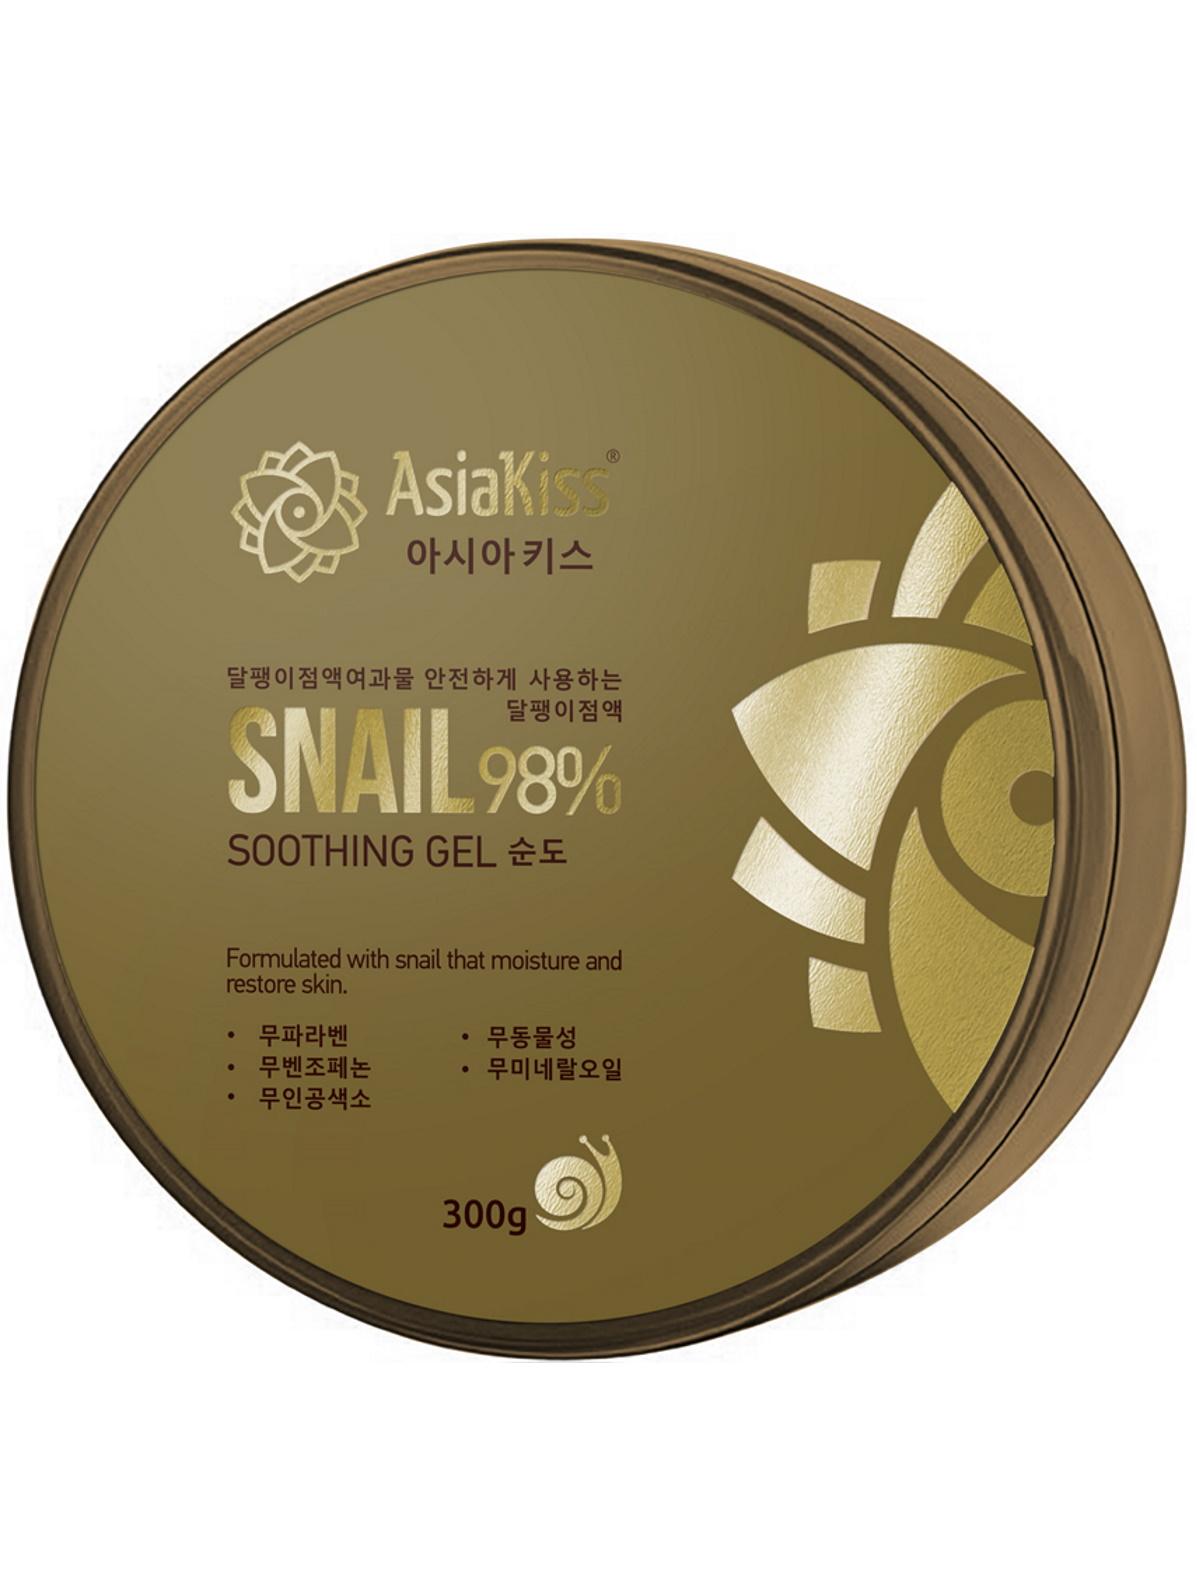 Гель для лица и тела ASIAKISS многофункциональный с экстрактом слизи улитки 300 г